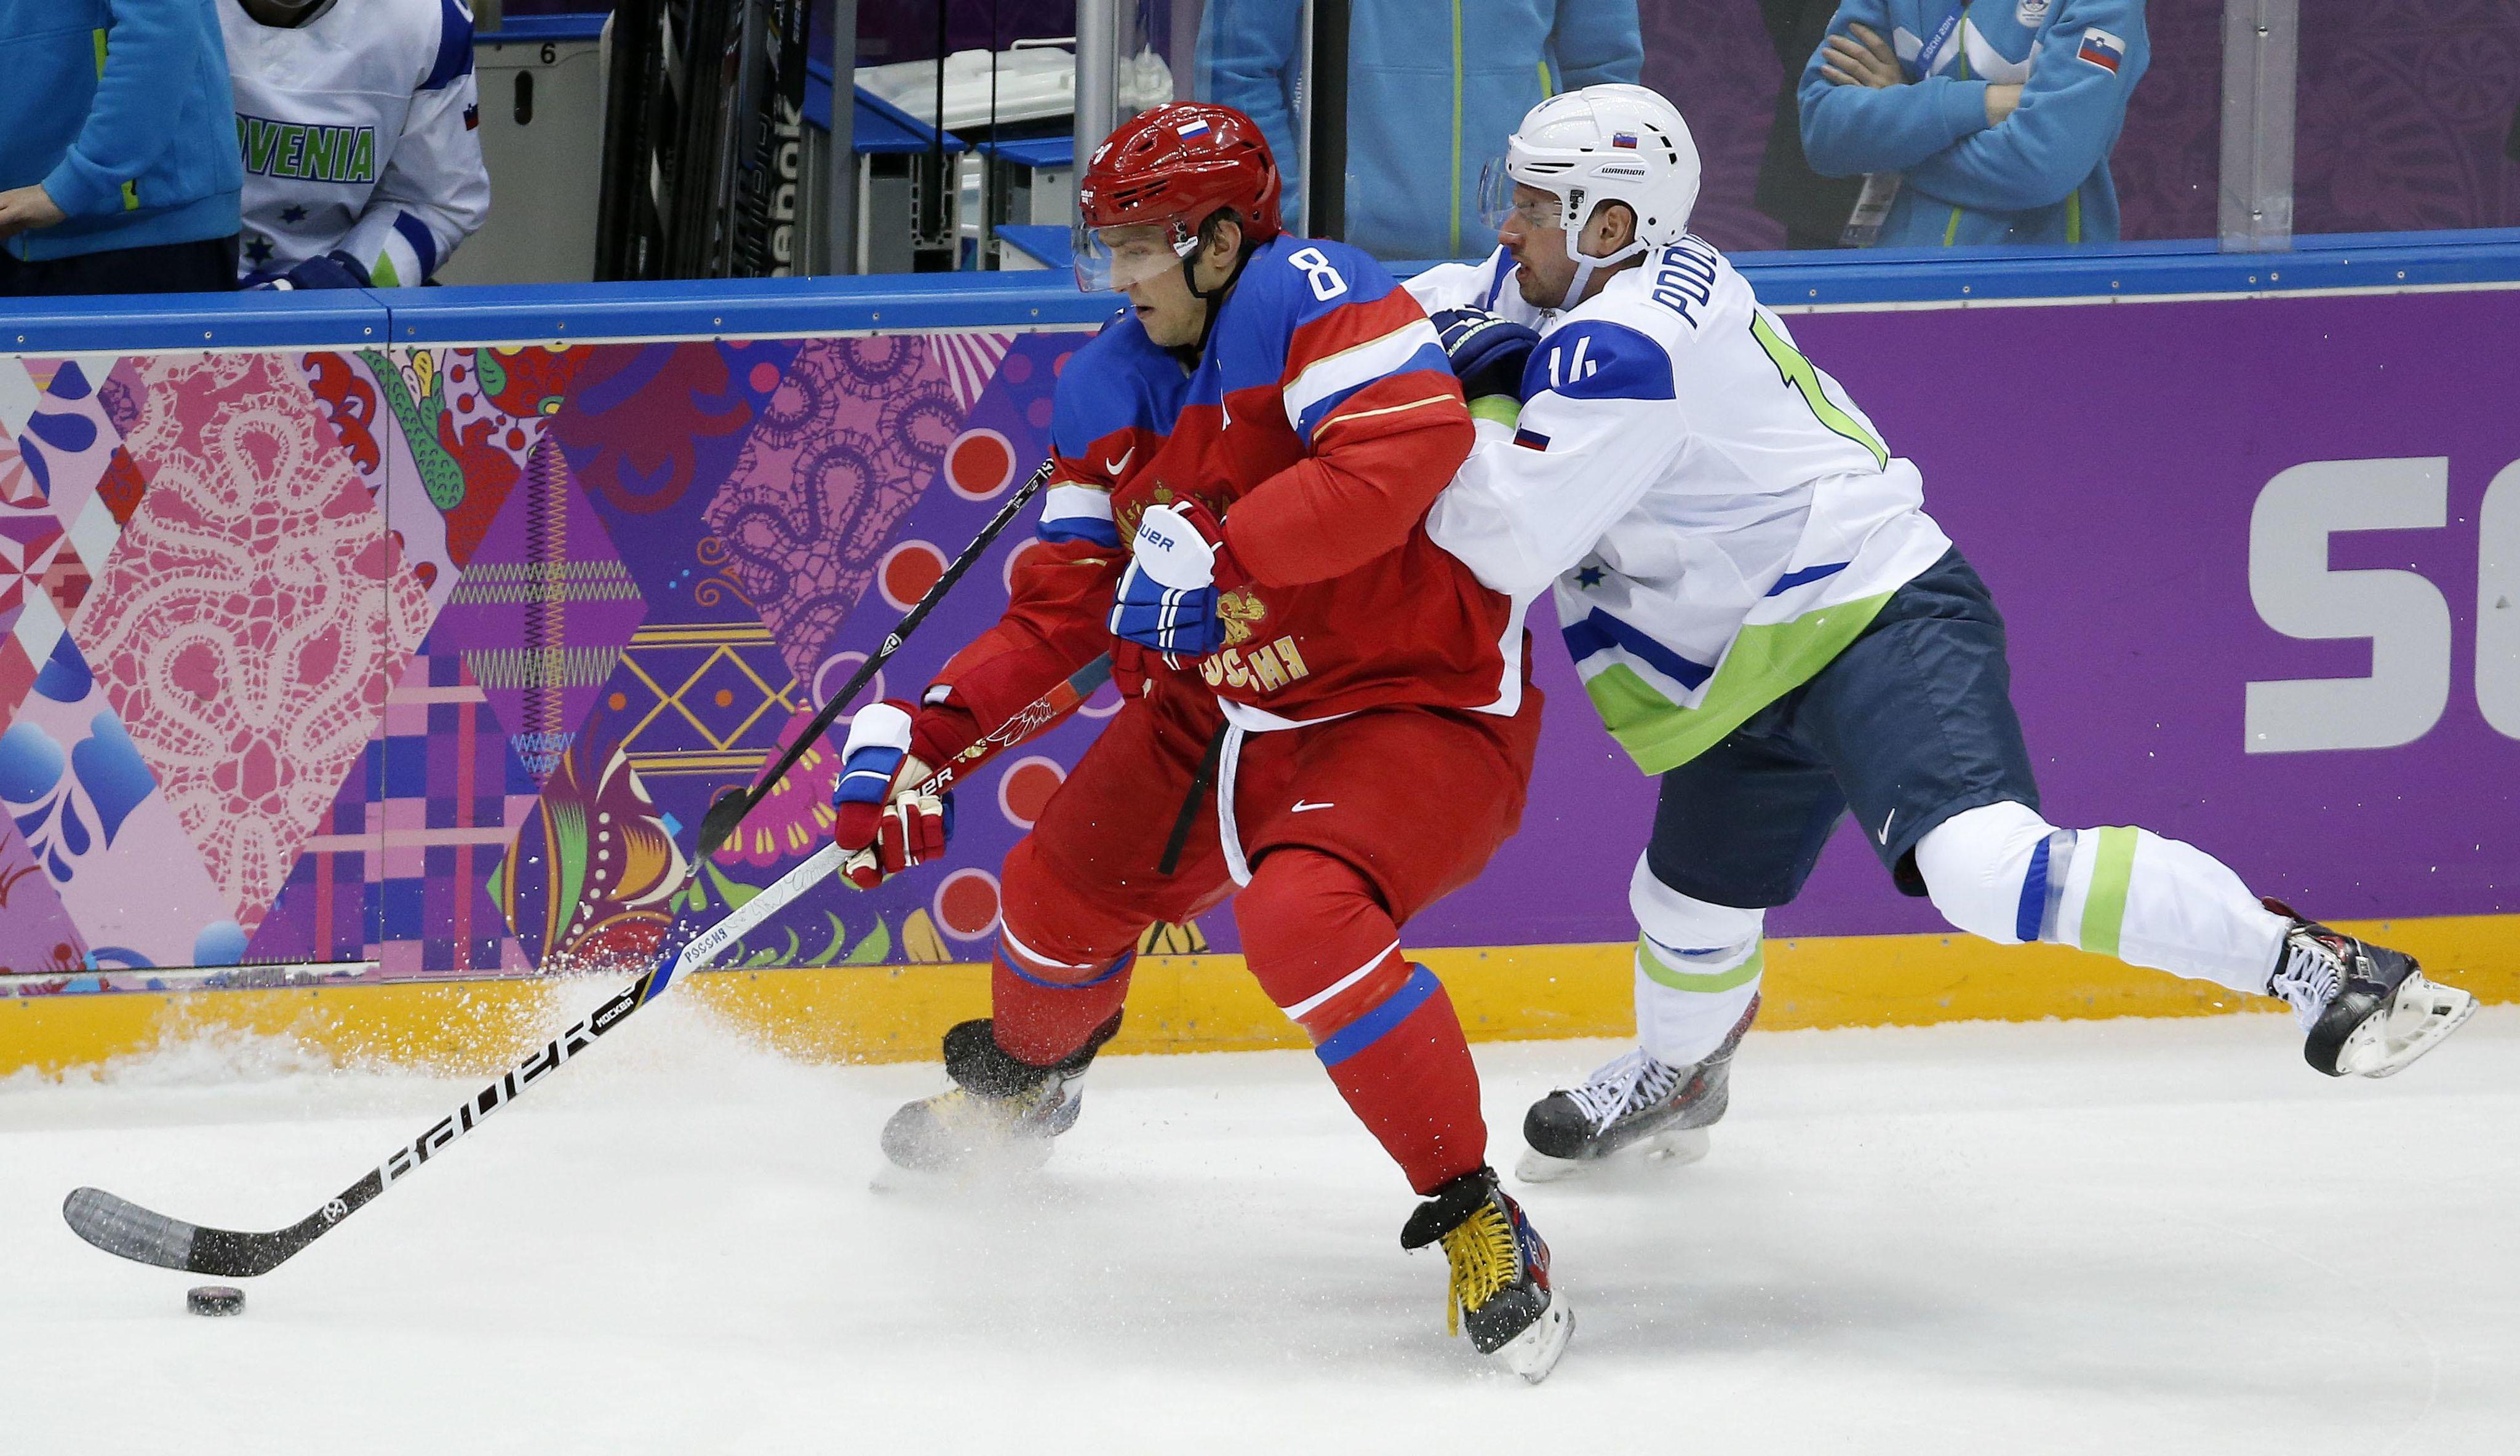 Capitals_ovechkin_olympics_hockey_26297_s4096x2367